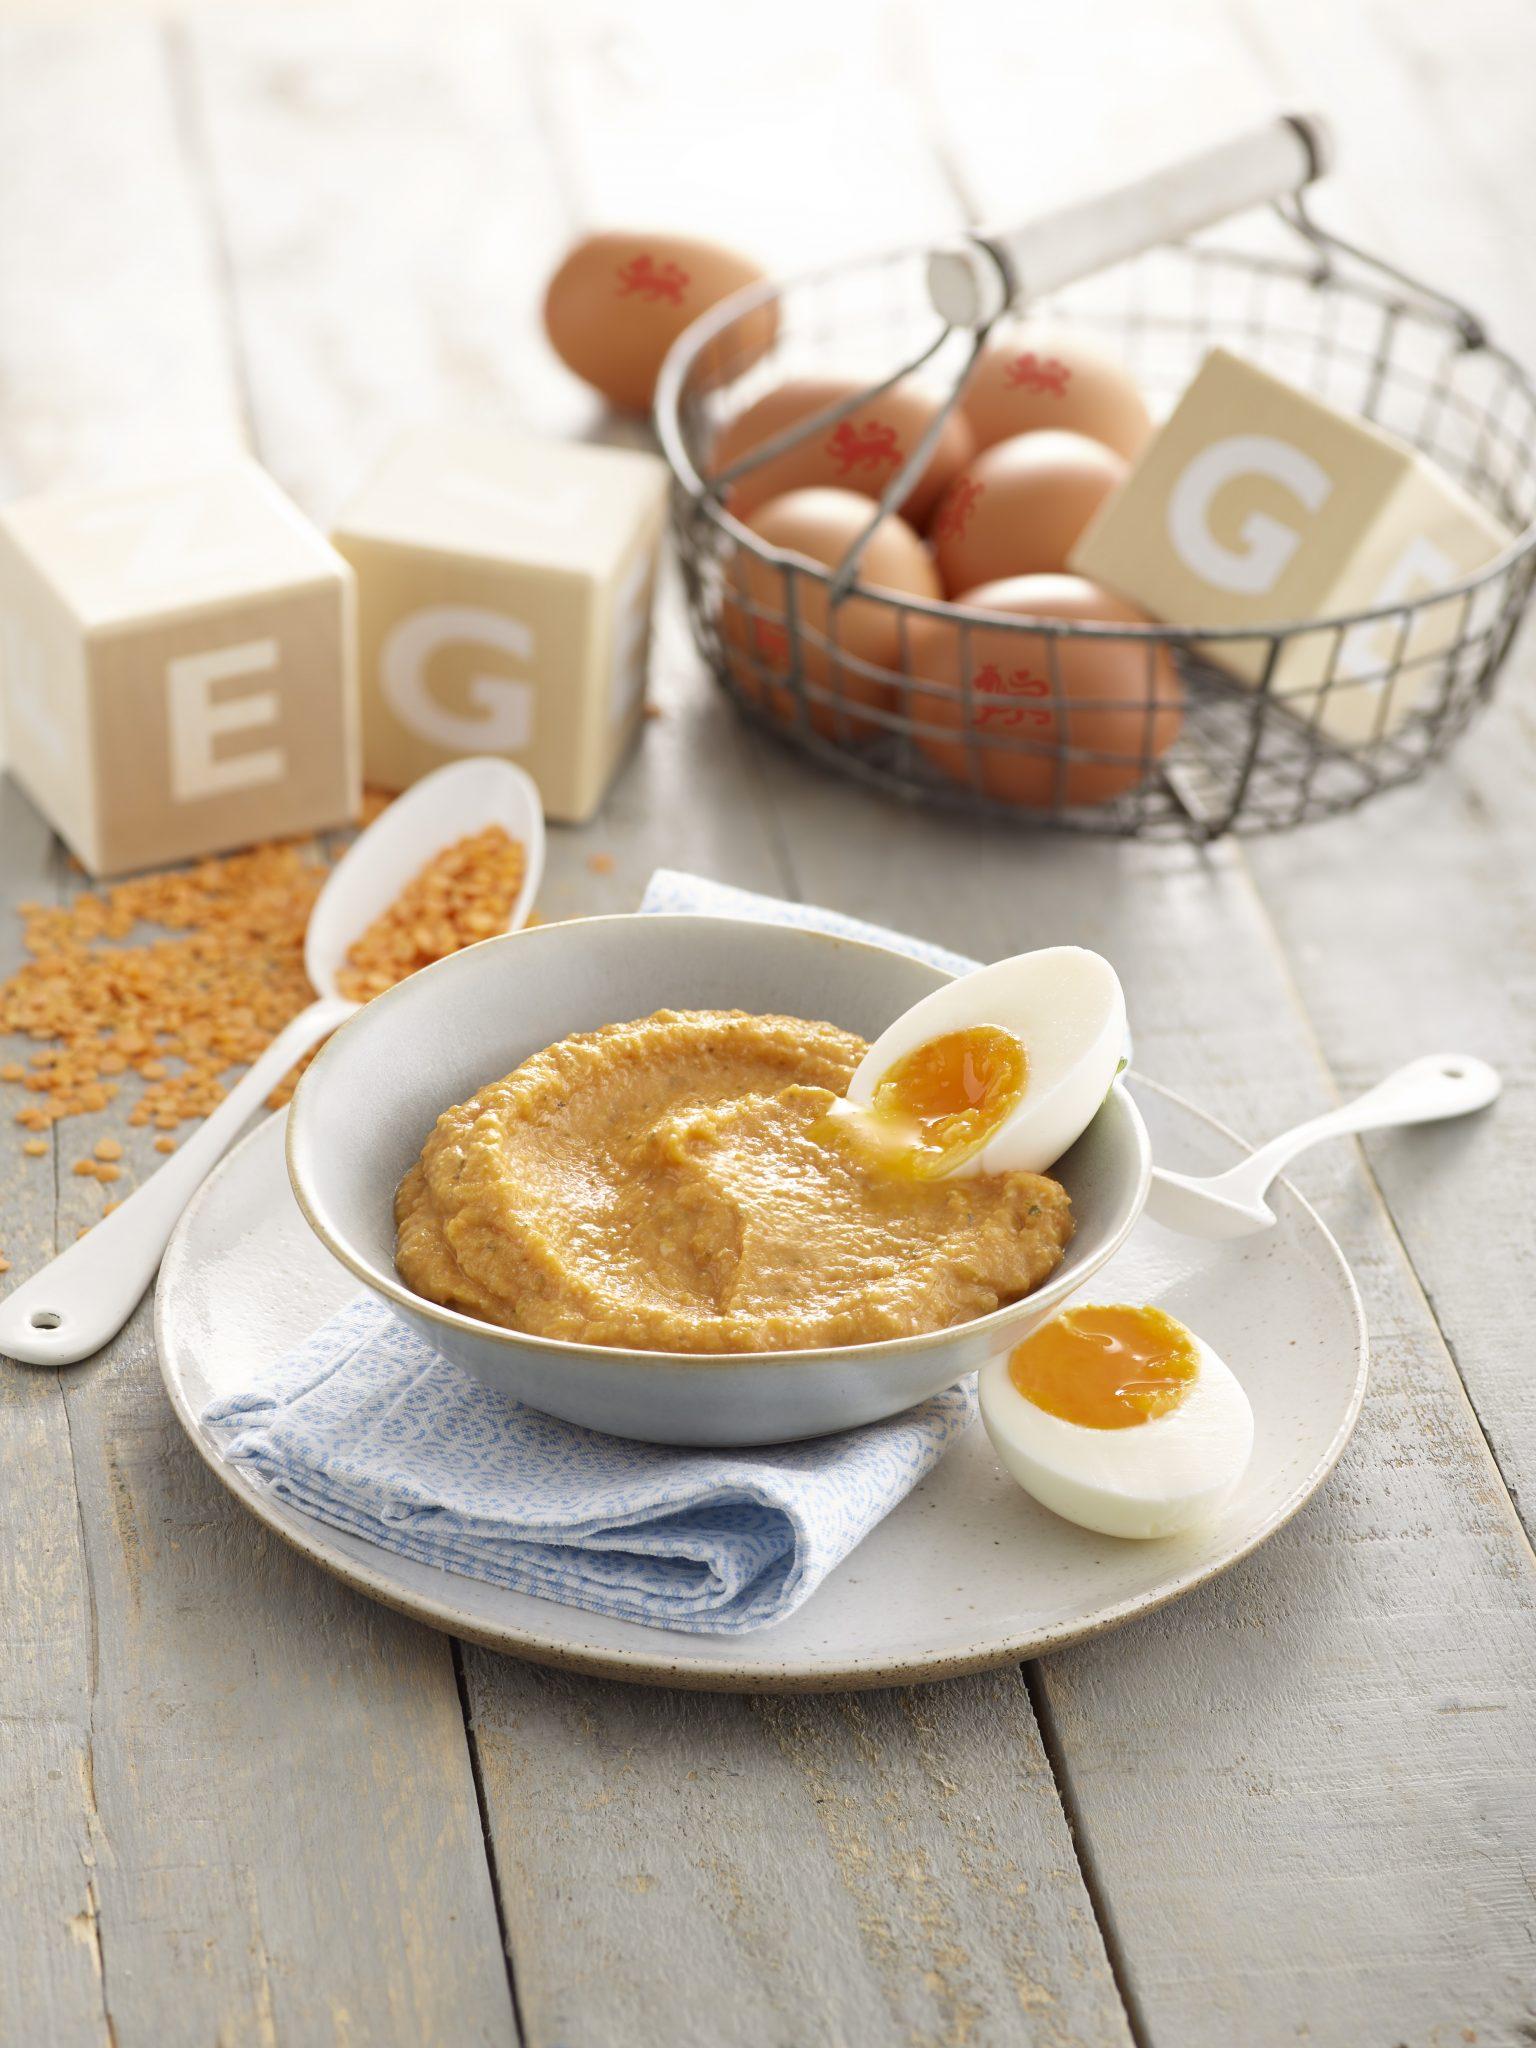 lovely lentil and egg puree image annabel karmel